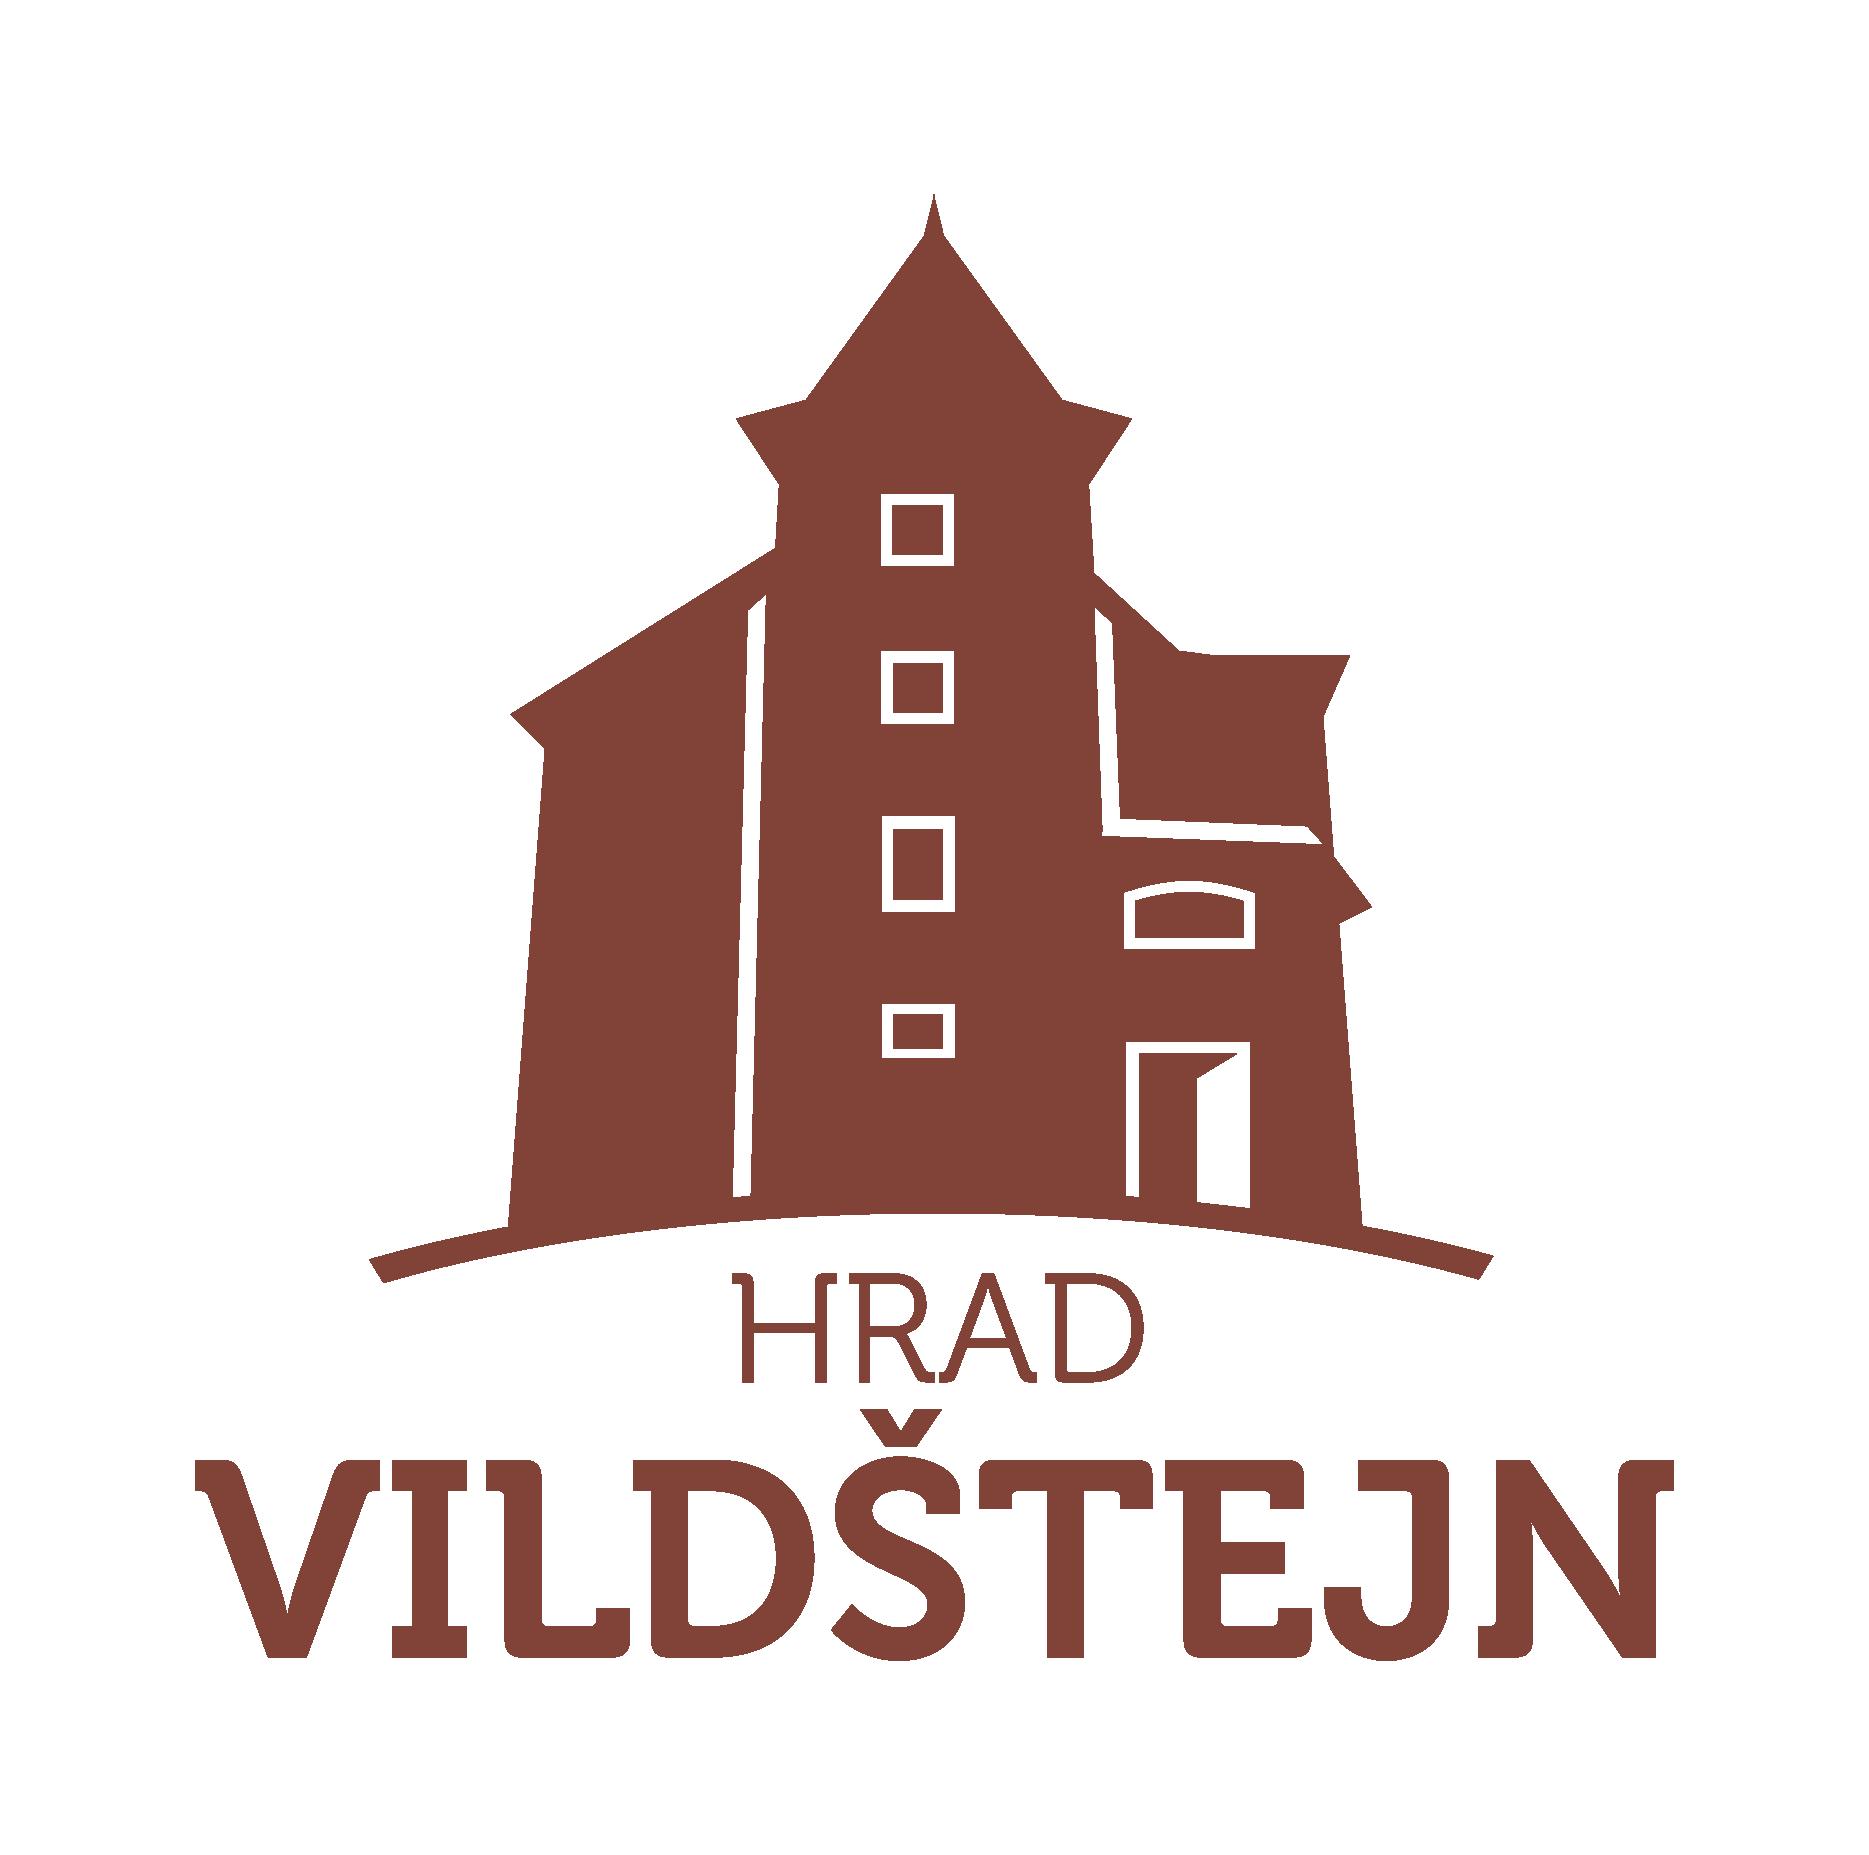 Hrad Vildštejn